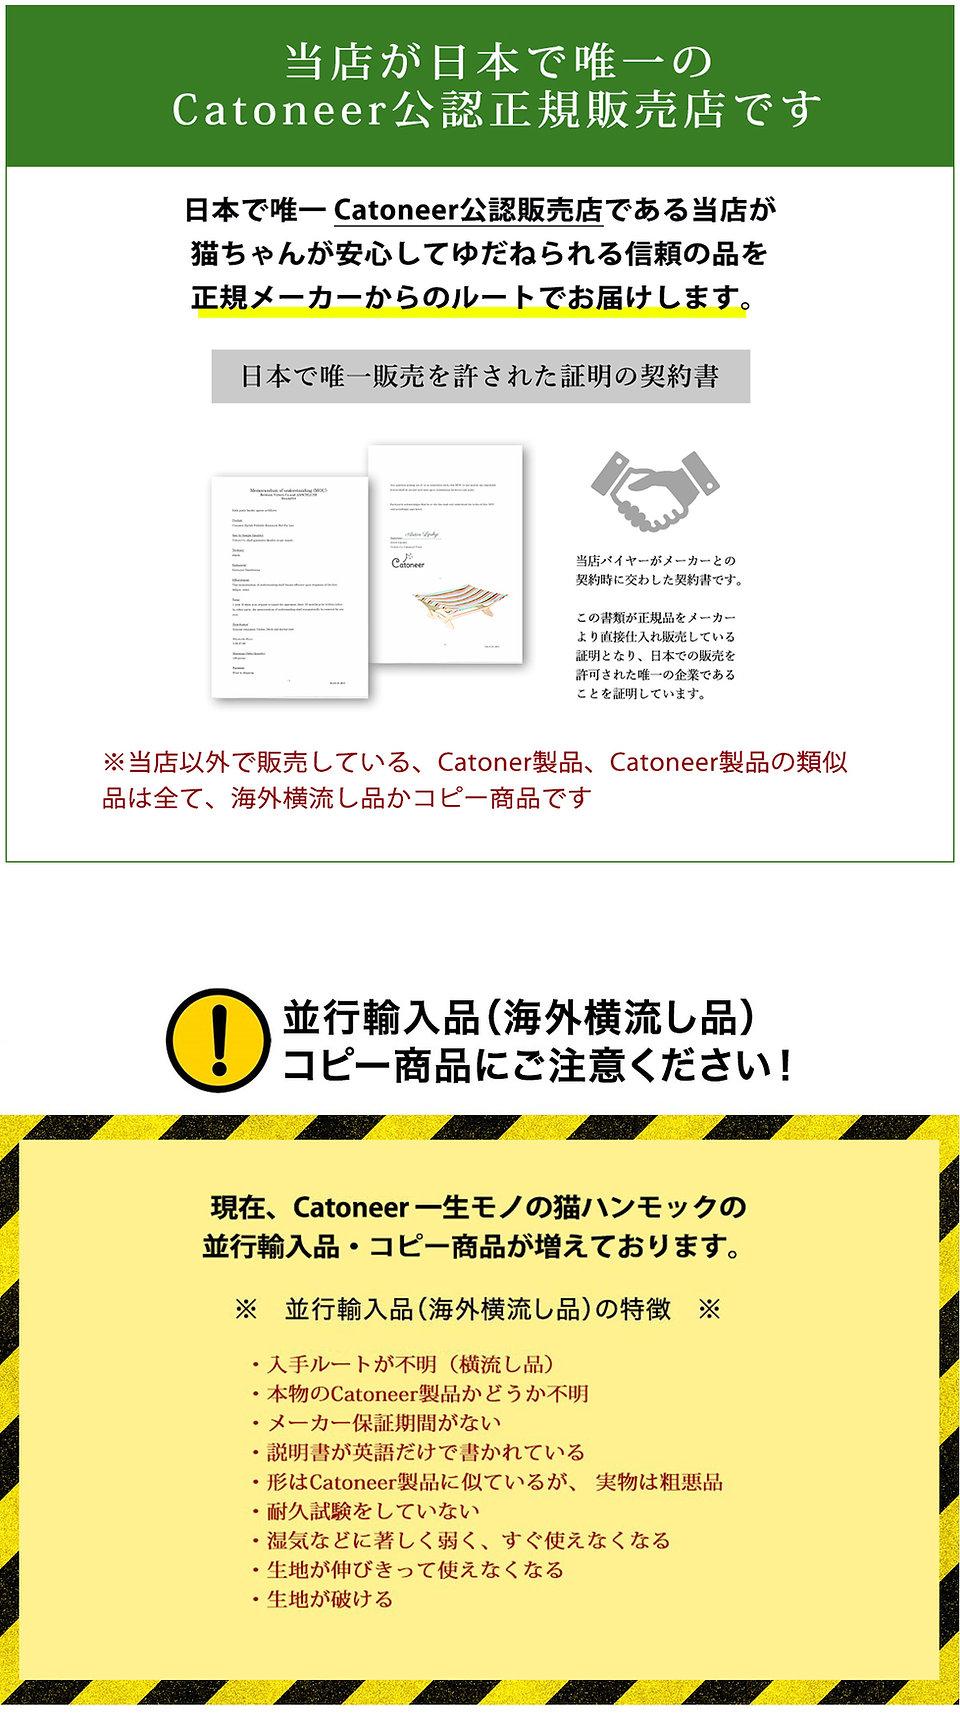 日本で唯一Catoneer楽天.jpg